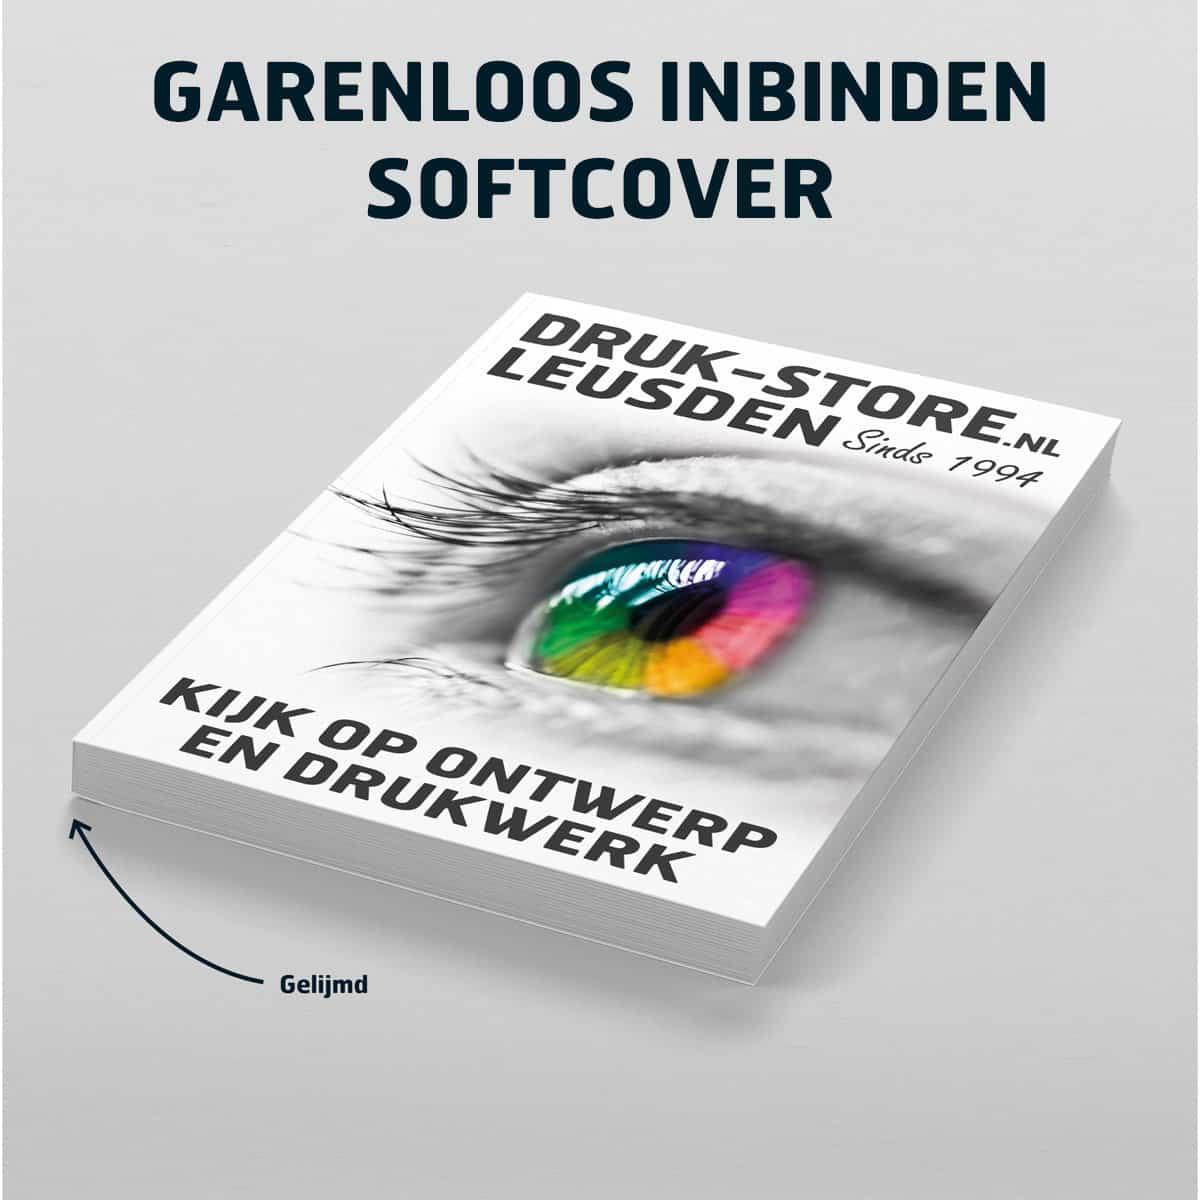 Garenloos inbinden 'softcover' Druk-Store voorbeeldfoto